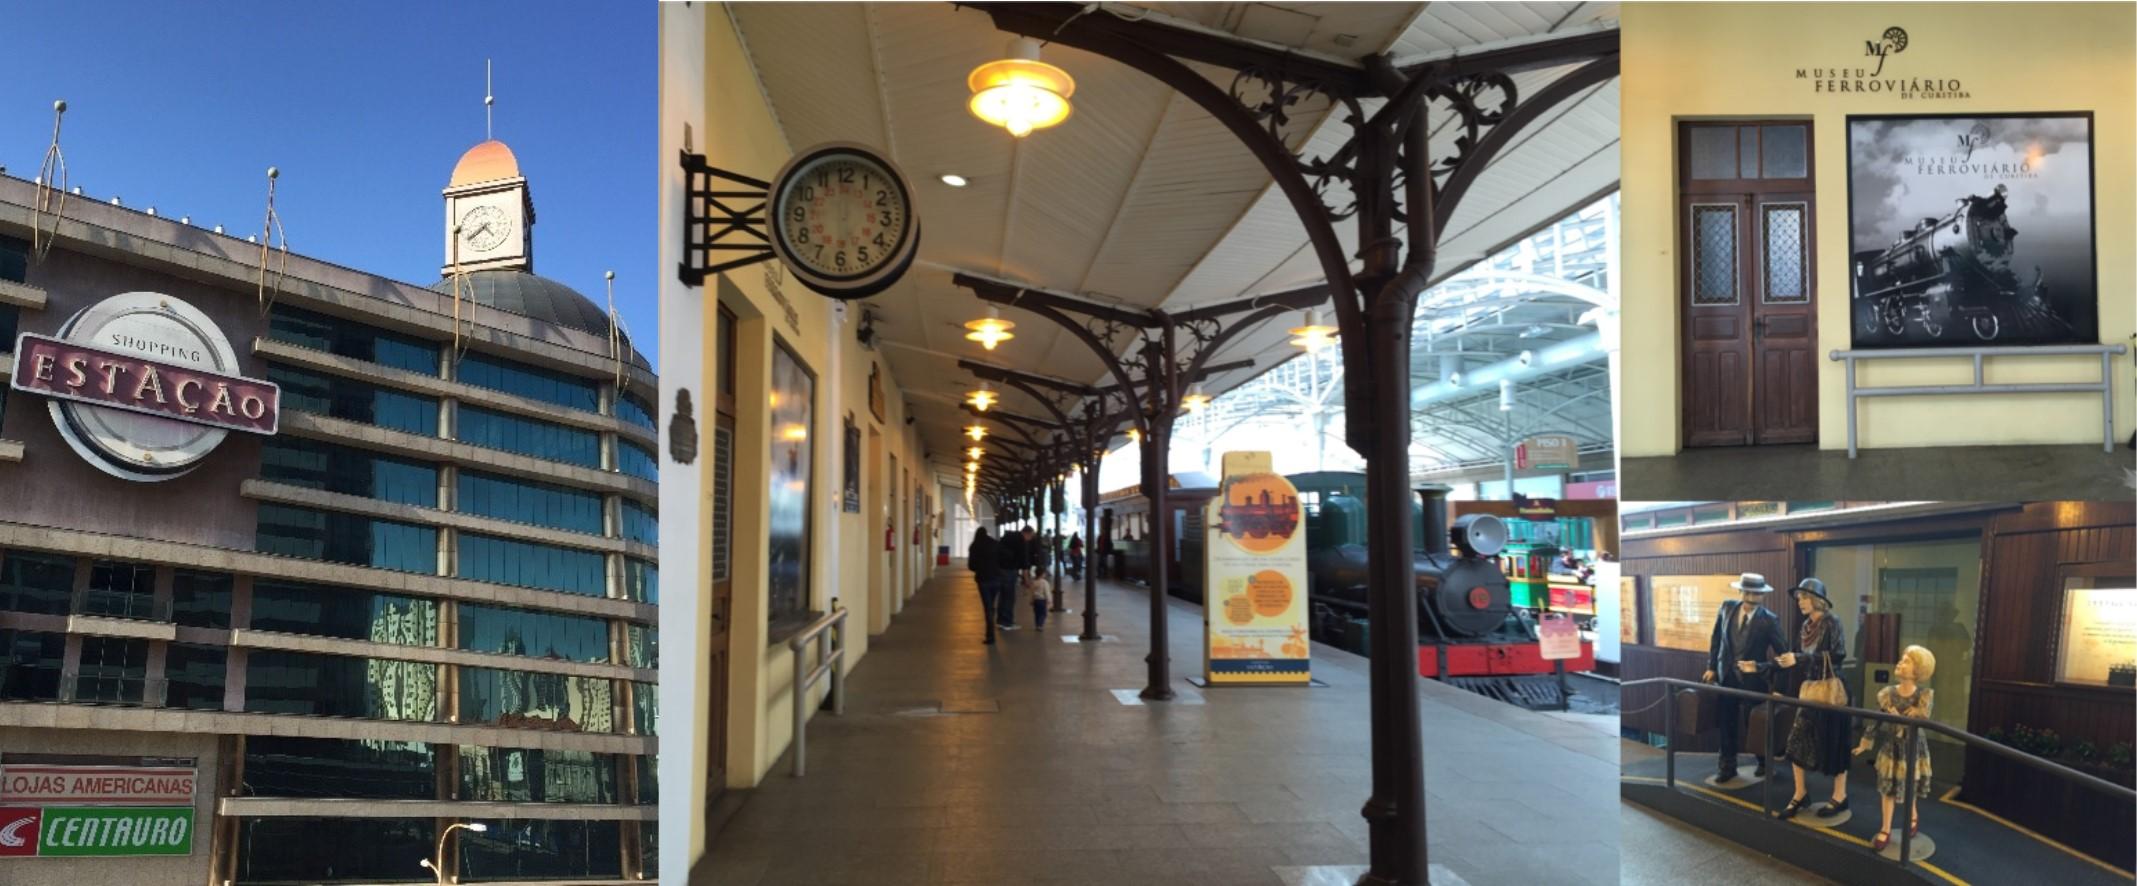 Shopping Estação and Museu Ferroviário